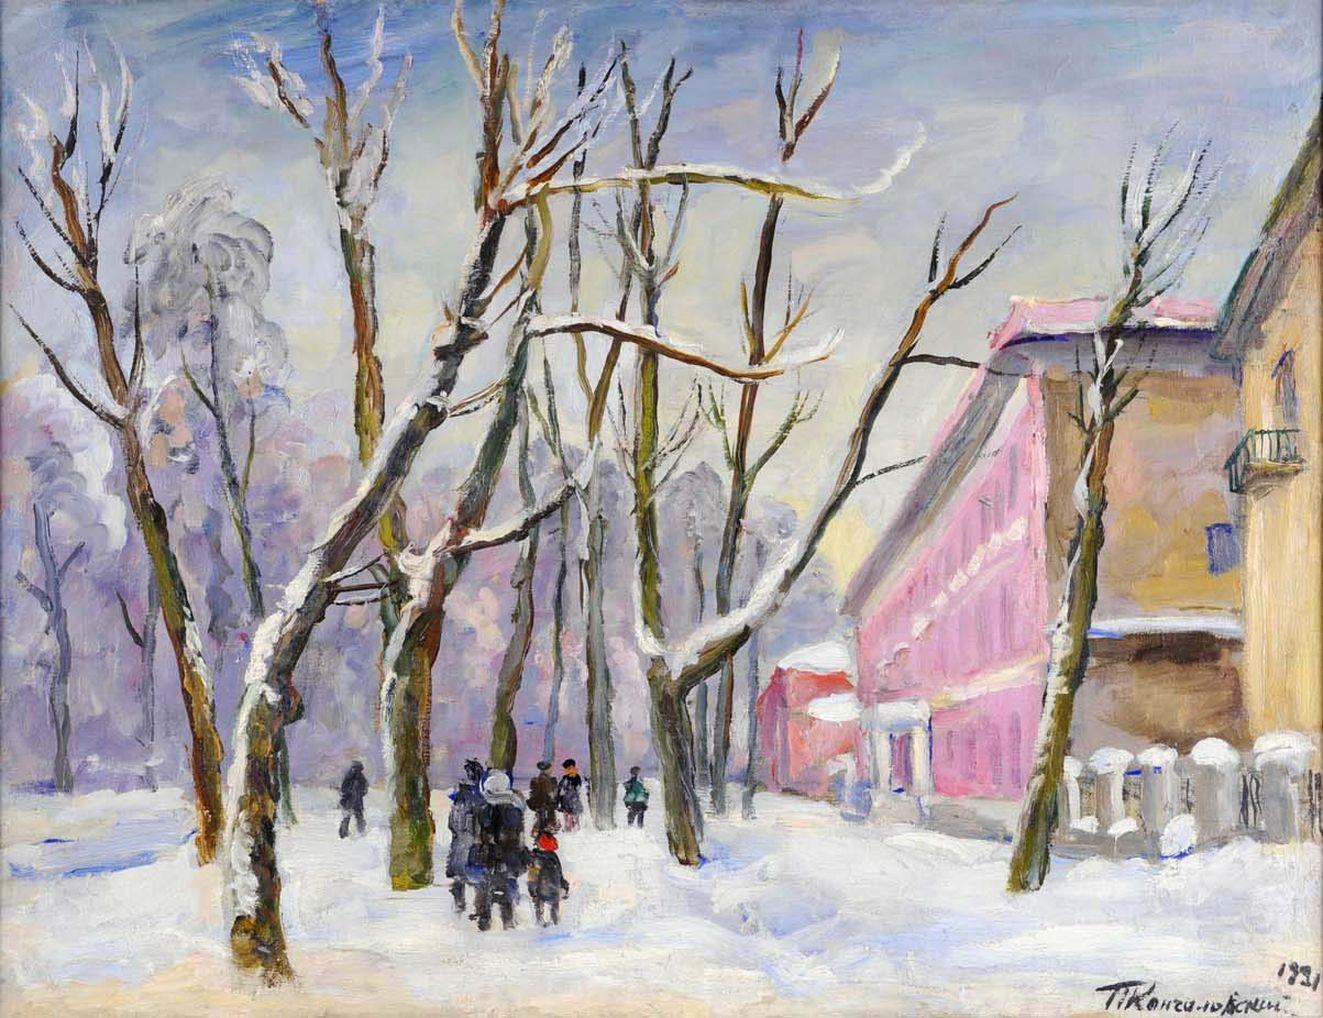 Петр Кончаловский. Большая Садовая. Розовый дом. 1931